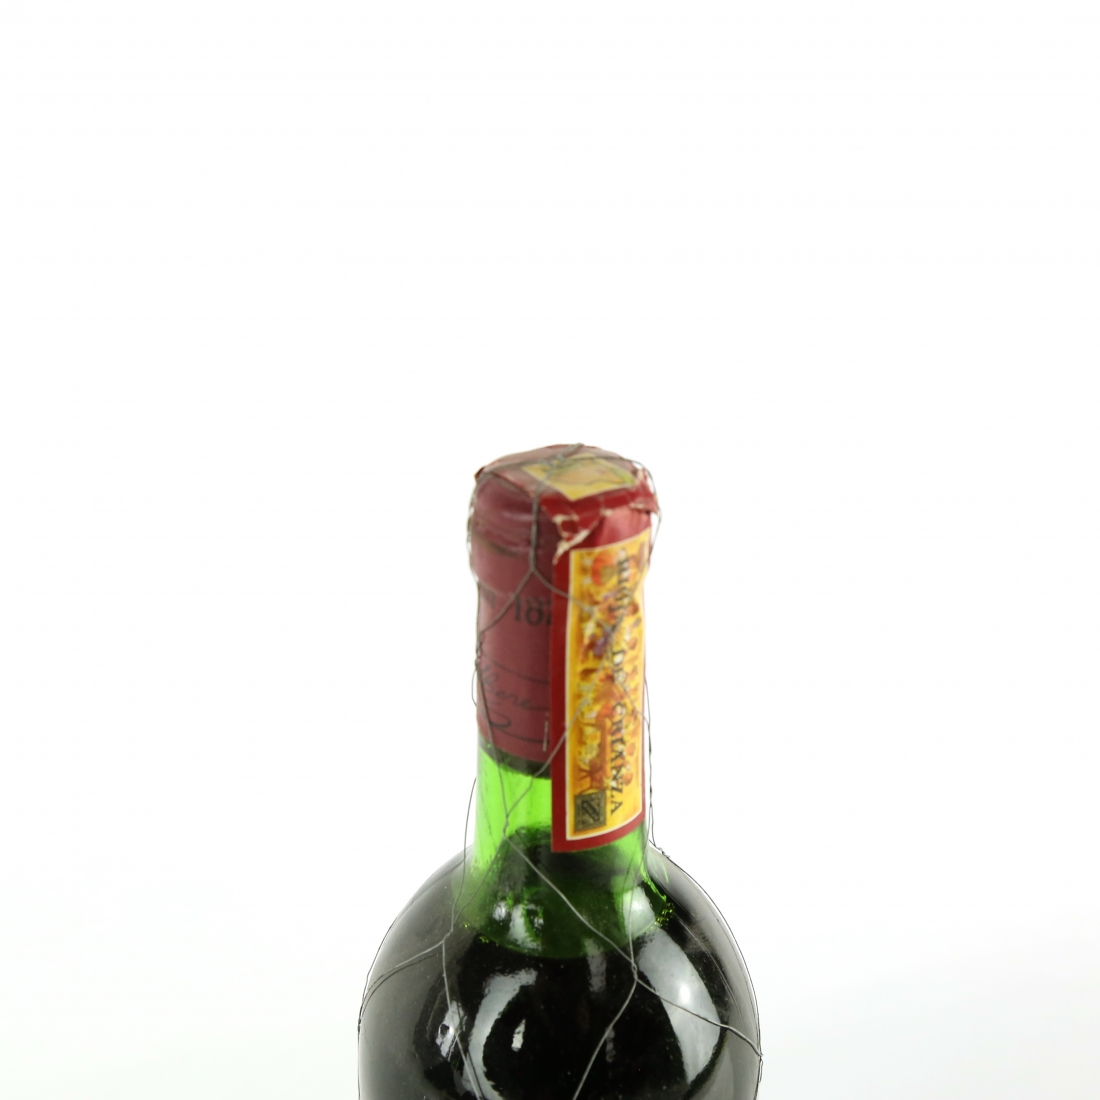 Viña Tondonia 1973 Rioja Gran Reserva